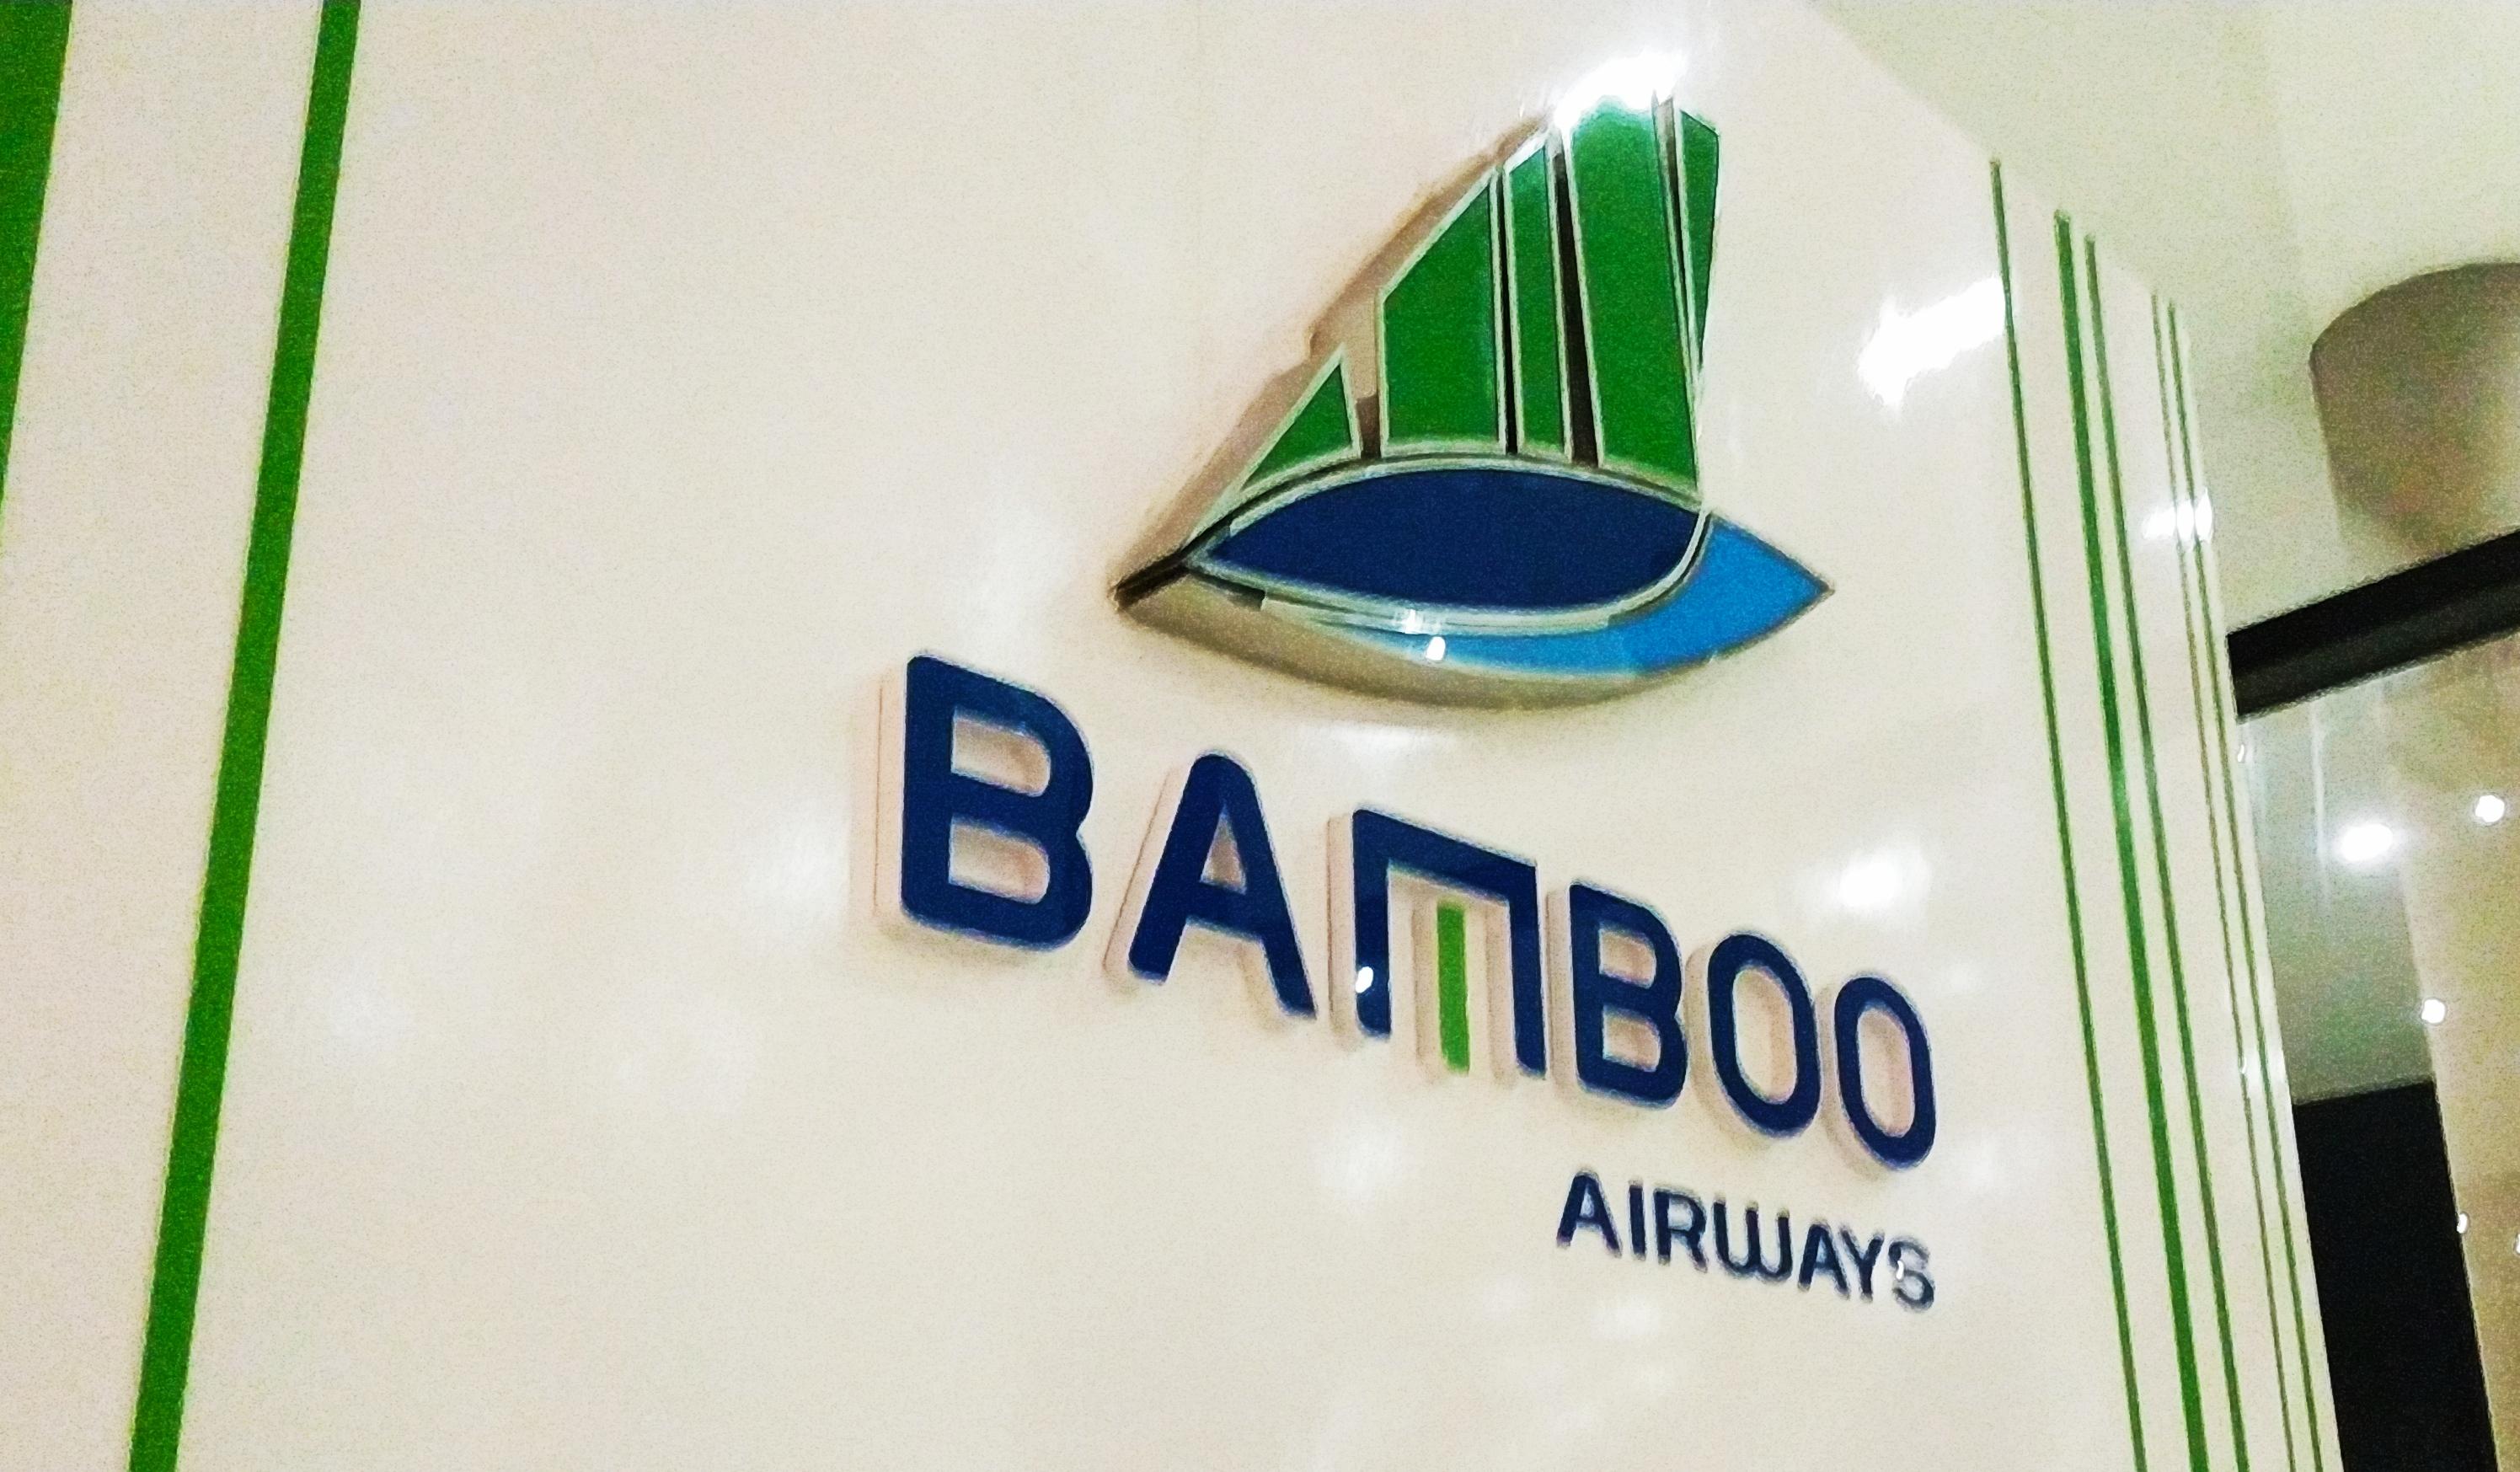 Tàu bay Bamboo Airways va phải chim, loạt chuyến bay bị hủy, chậm - Ảnh 1.